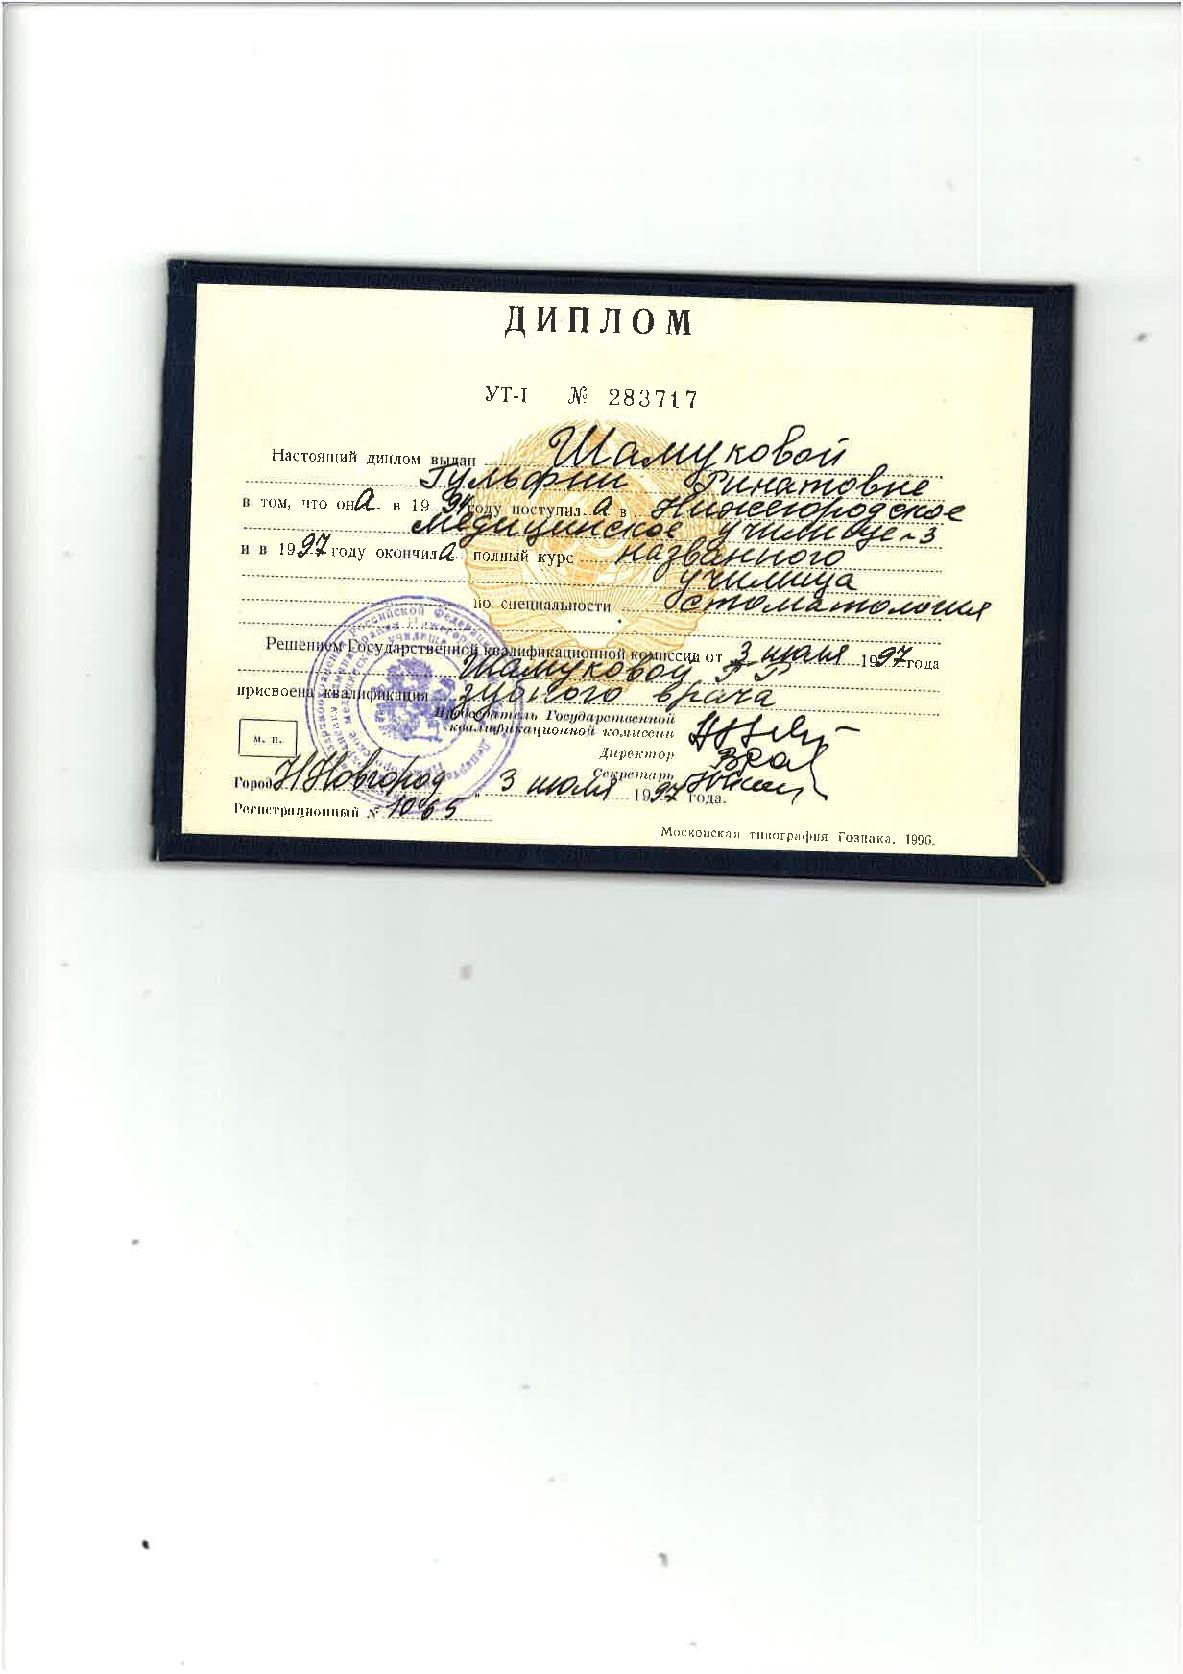 1997 диплом